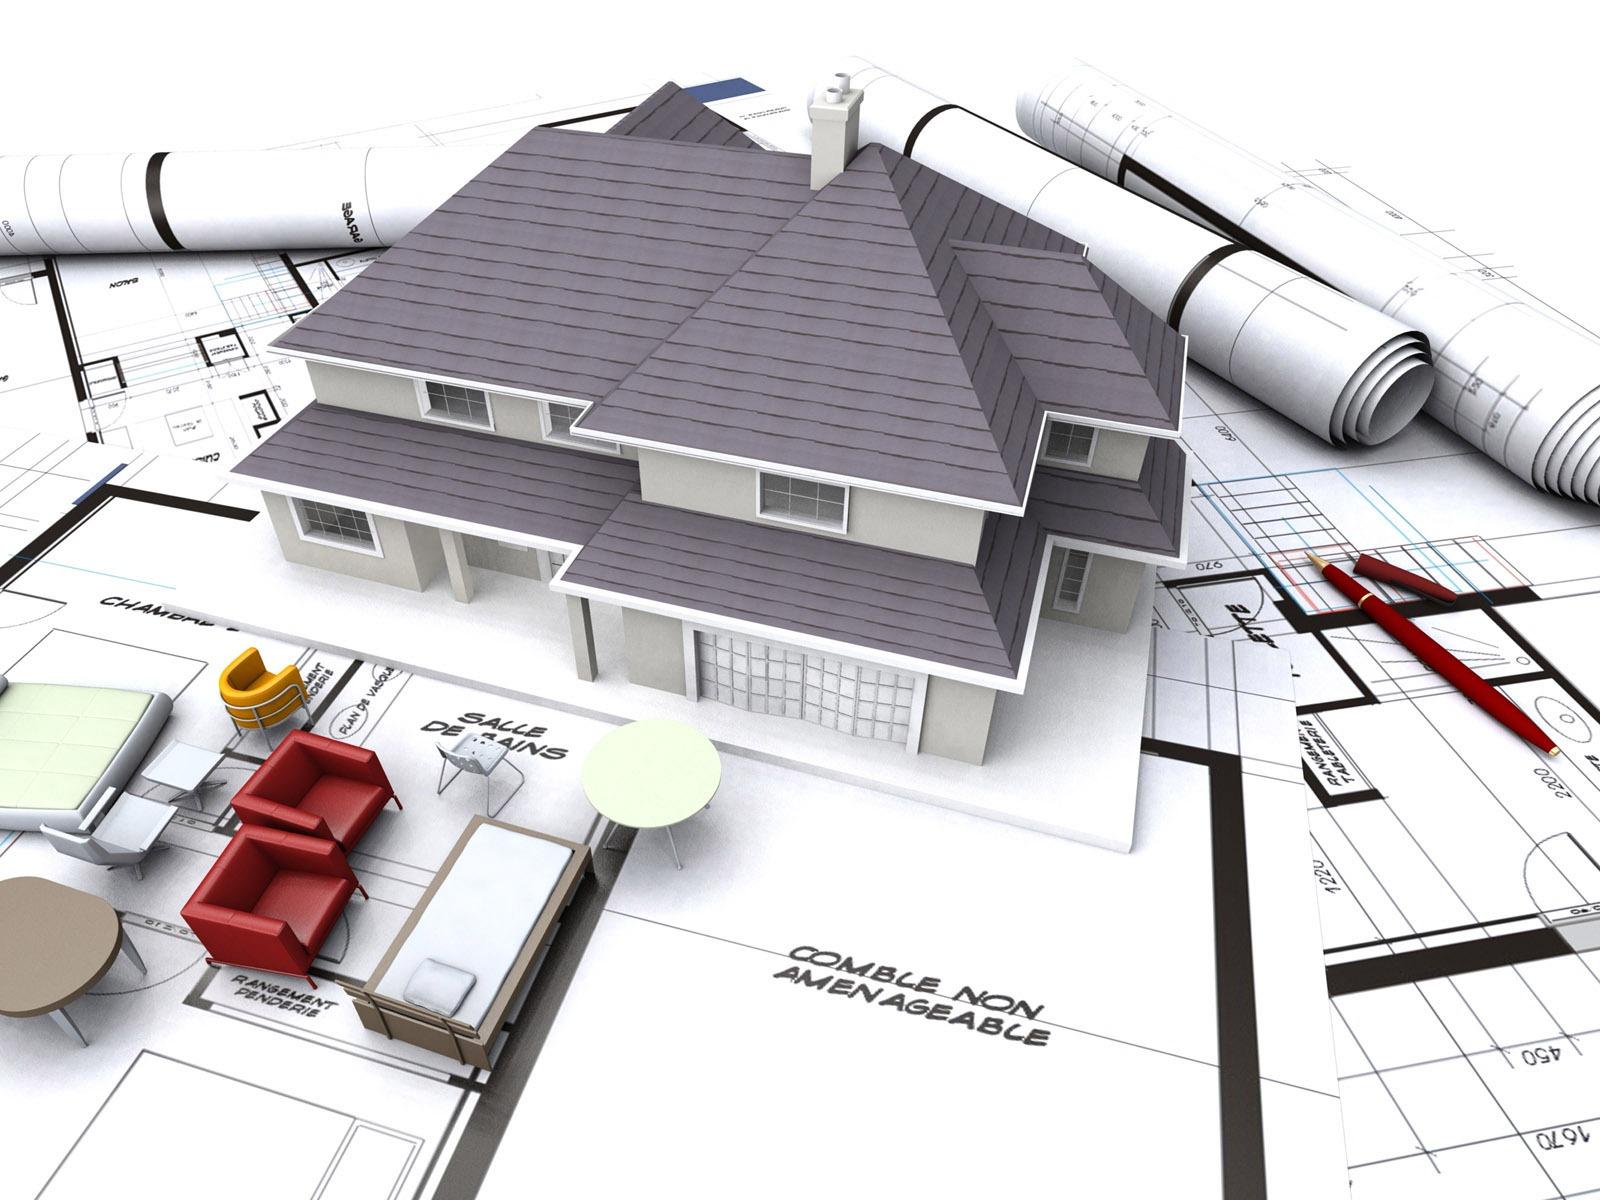 một ngôi nhà mô hình và nhiều giấy tờ, bản vẽ thiết kế